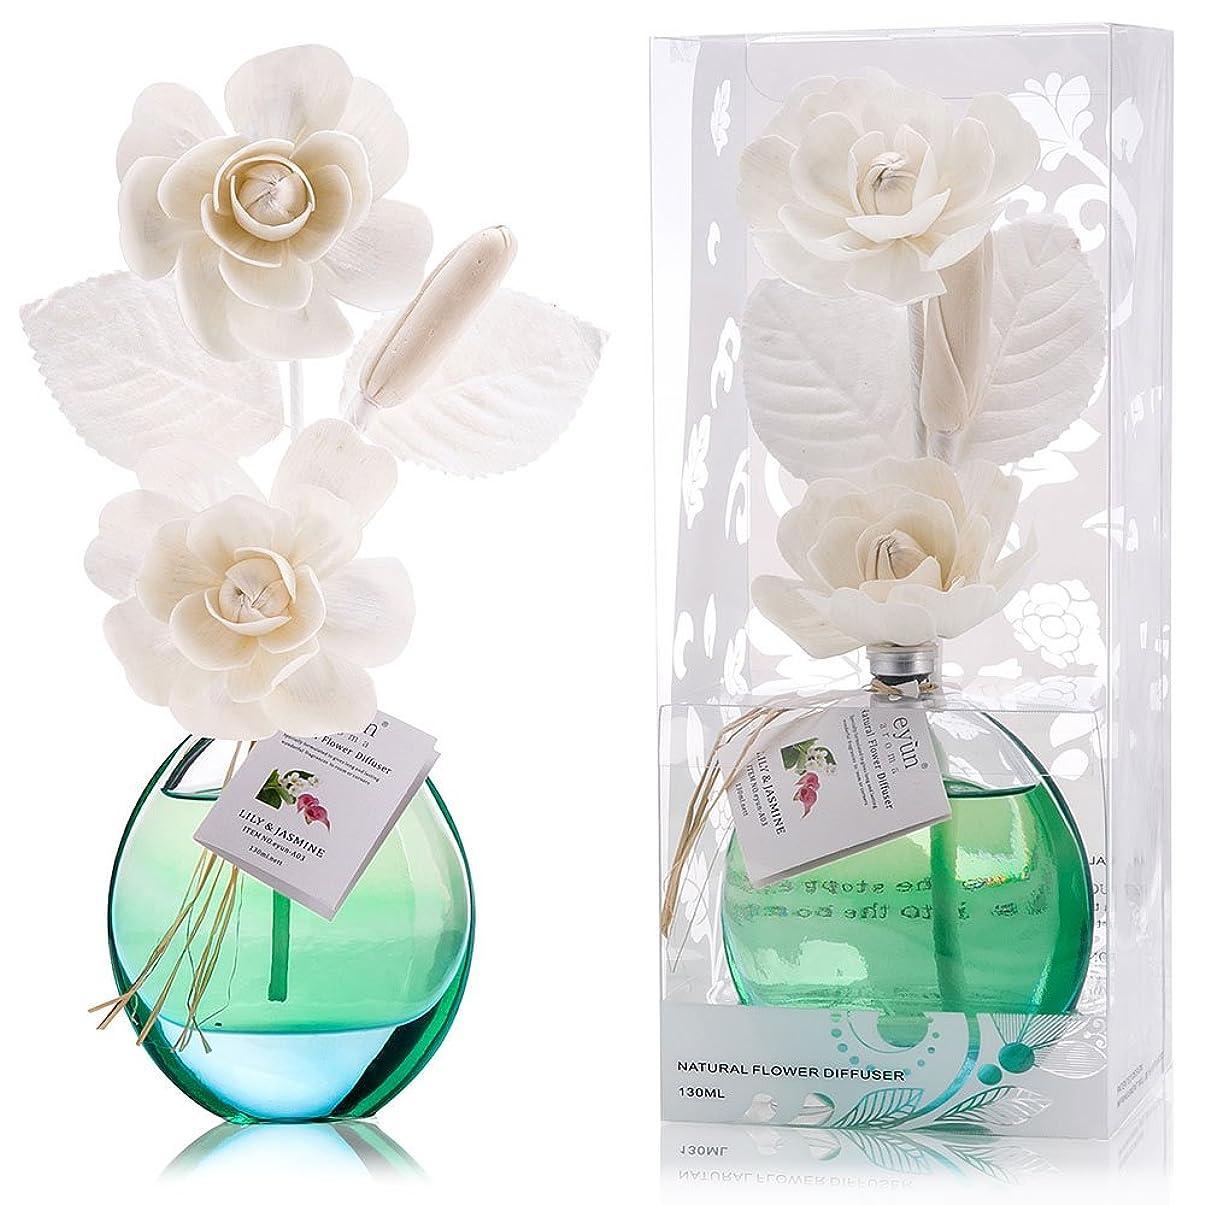 合理化形状トリプル誕生日 プレゼント に A03 ルームフレグランス (花瓶:水色, 香り:ユリ & ジャスミン)